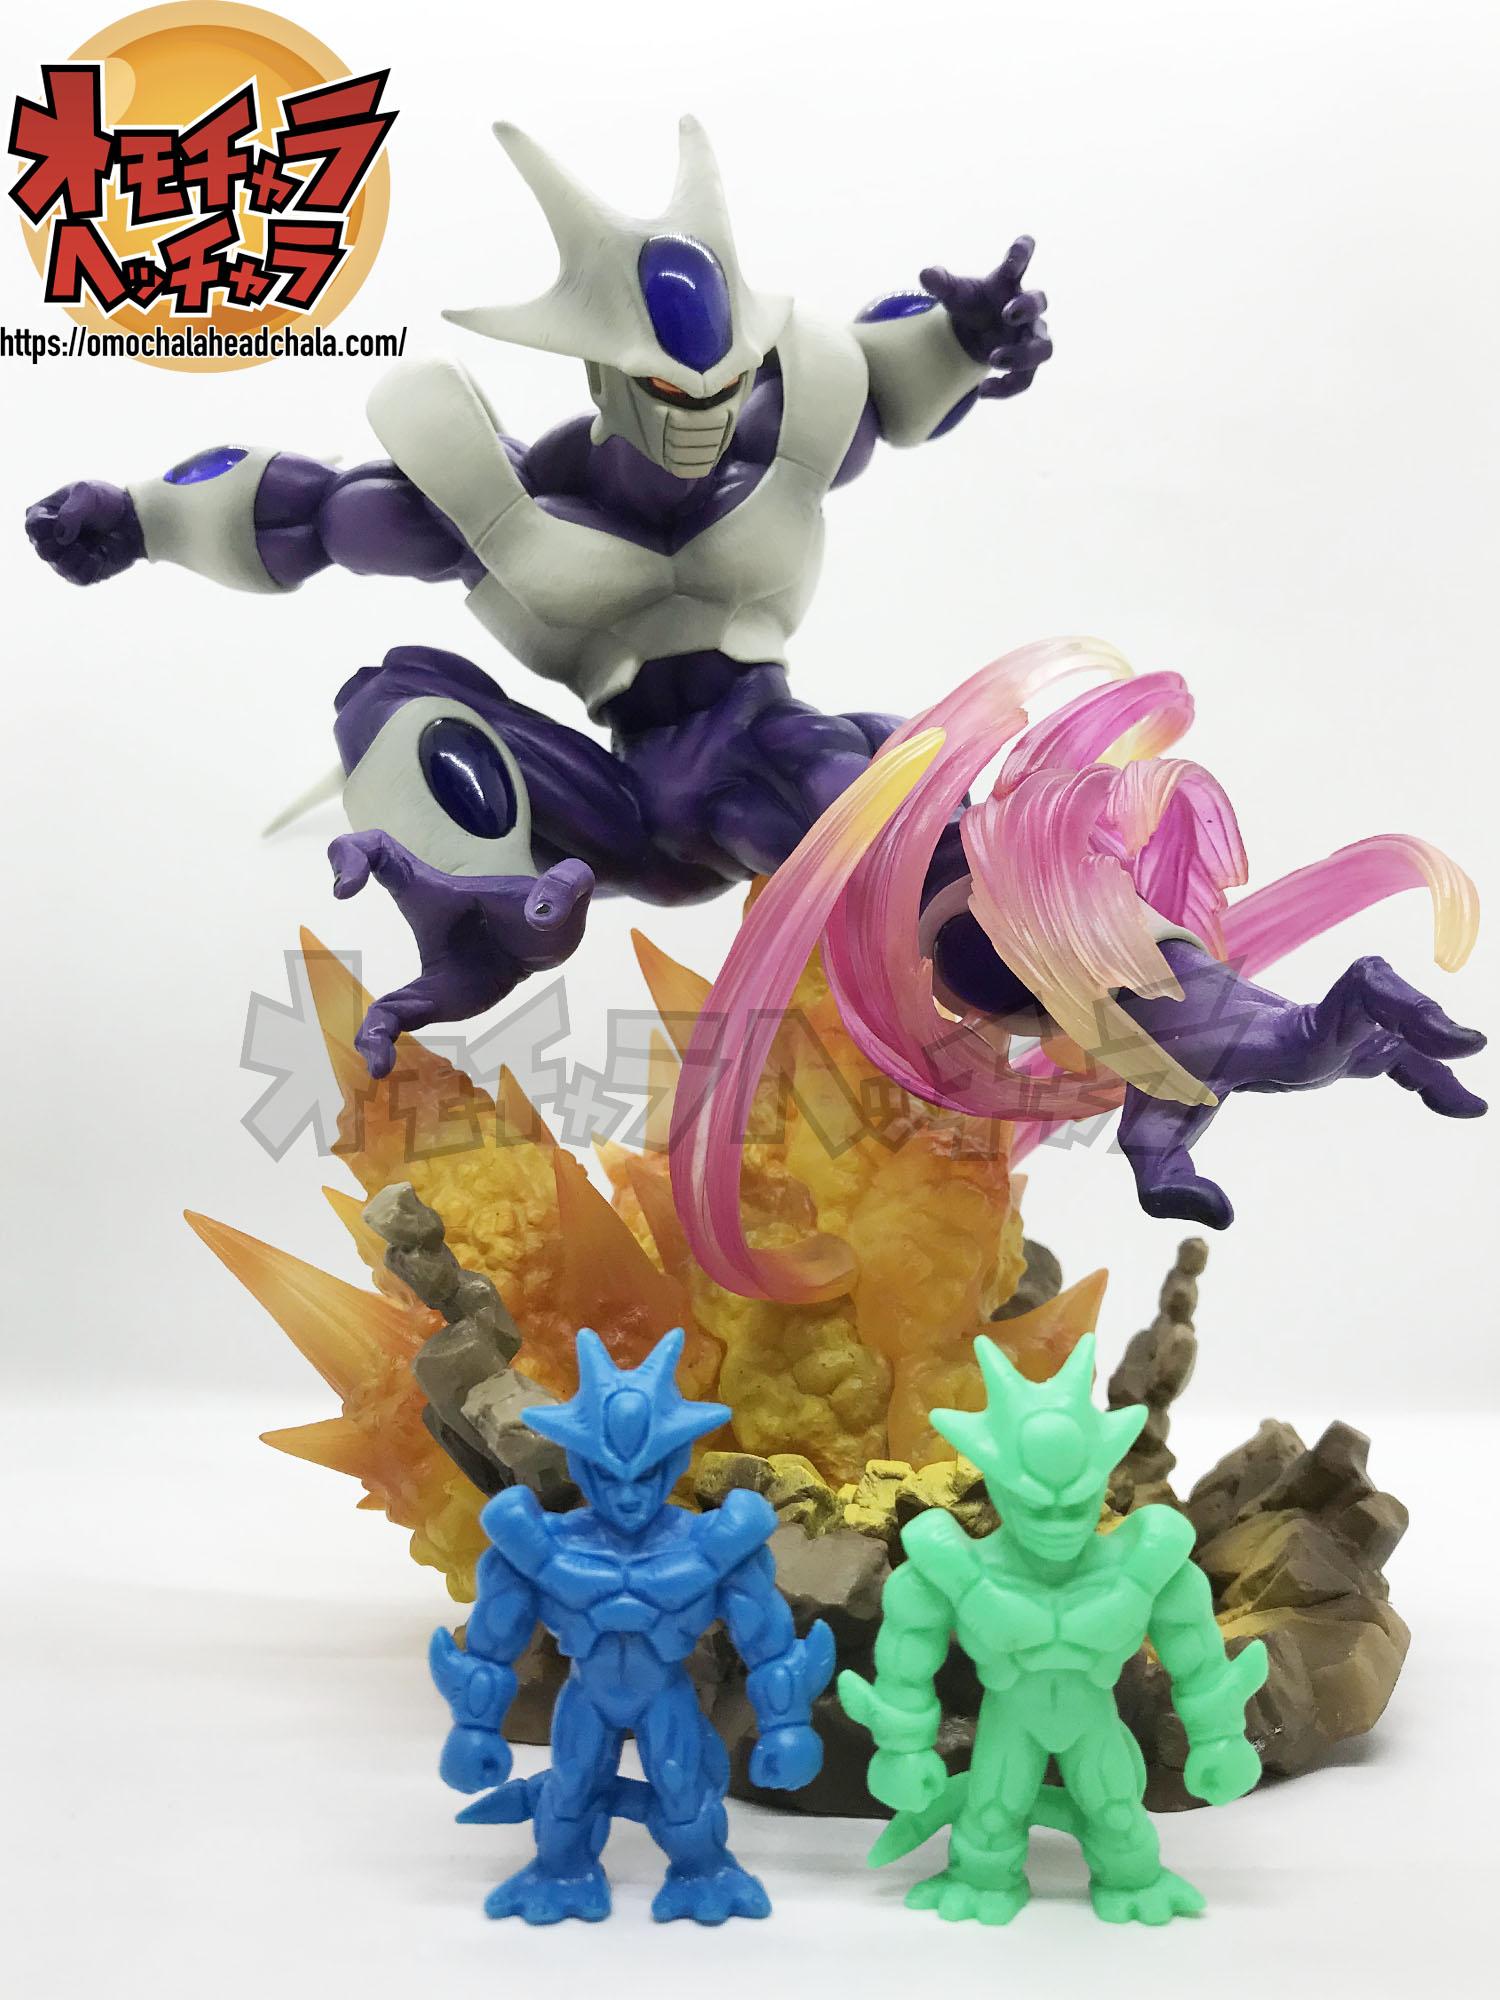 ドラゴンボールフィギュアレビューブログのフィギュアーツZERO クウラ-最終形態-とドラ消し